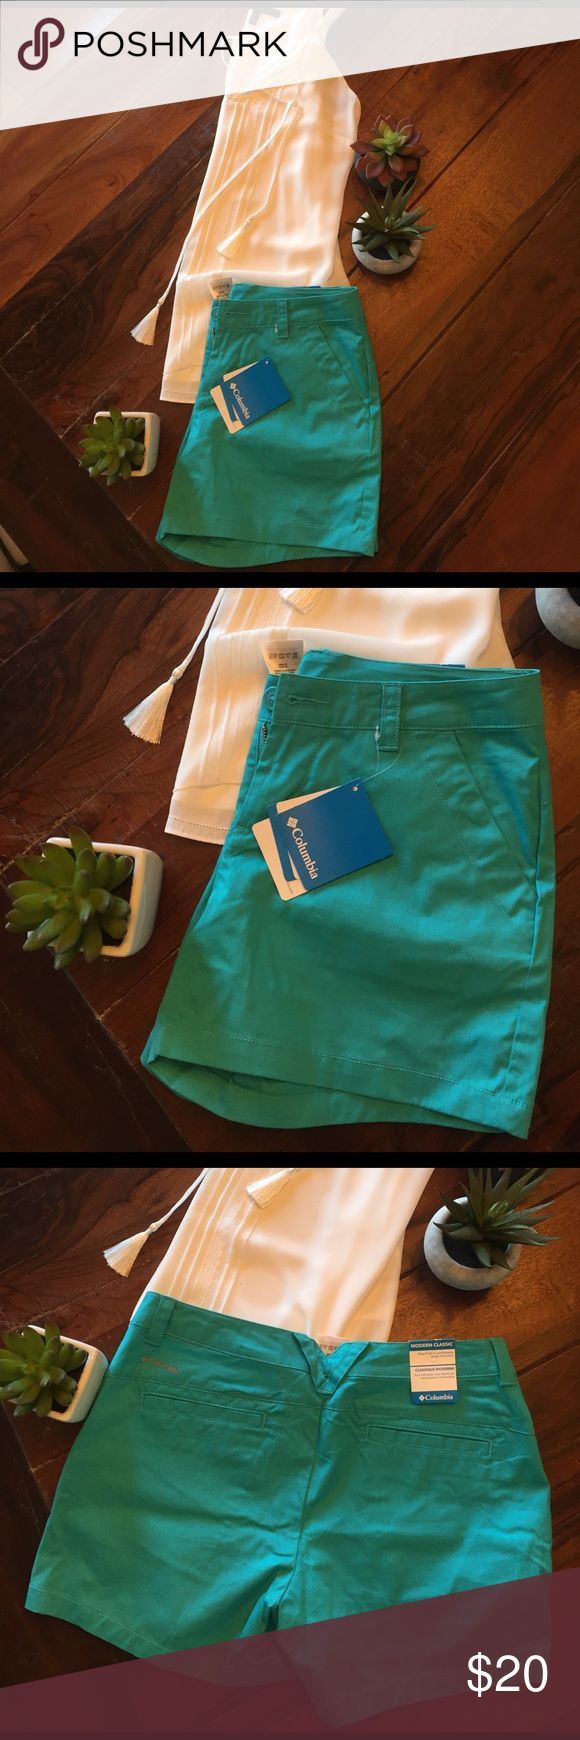 """NWT Columbia teal shorts NWT super cute Columbia teal-colored shorts. Size 4. 4"""" inseam. Columbia Shorts"""